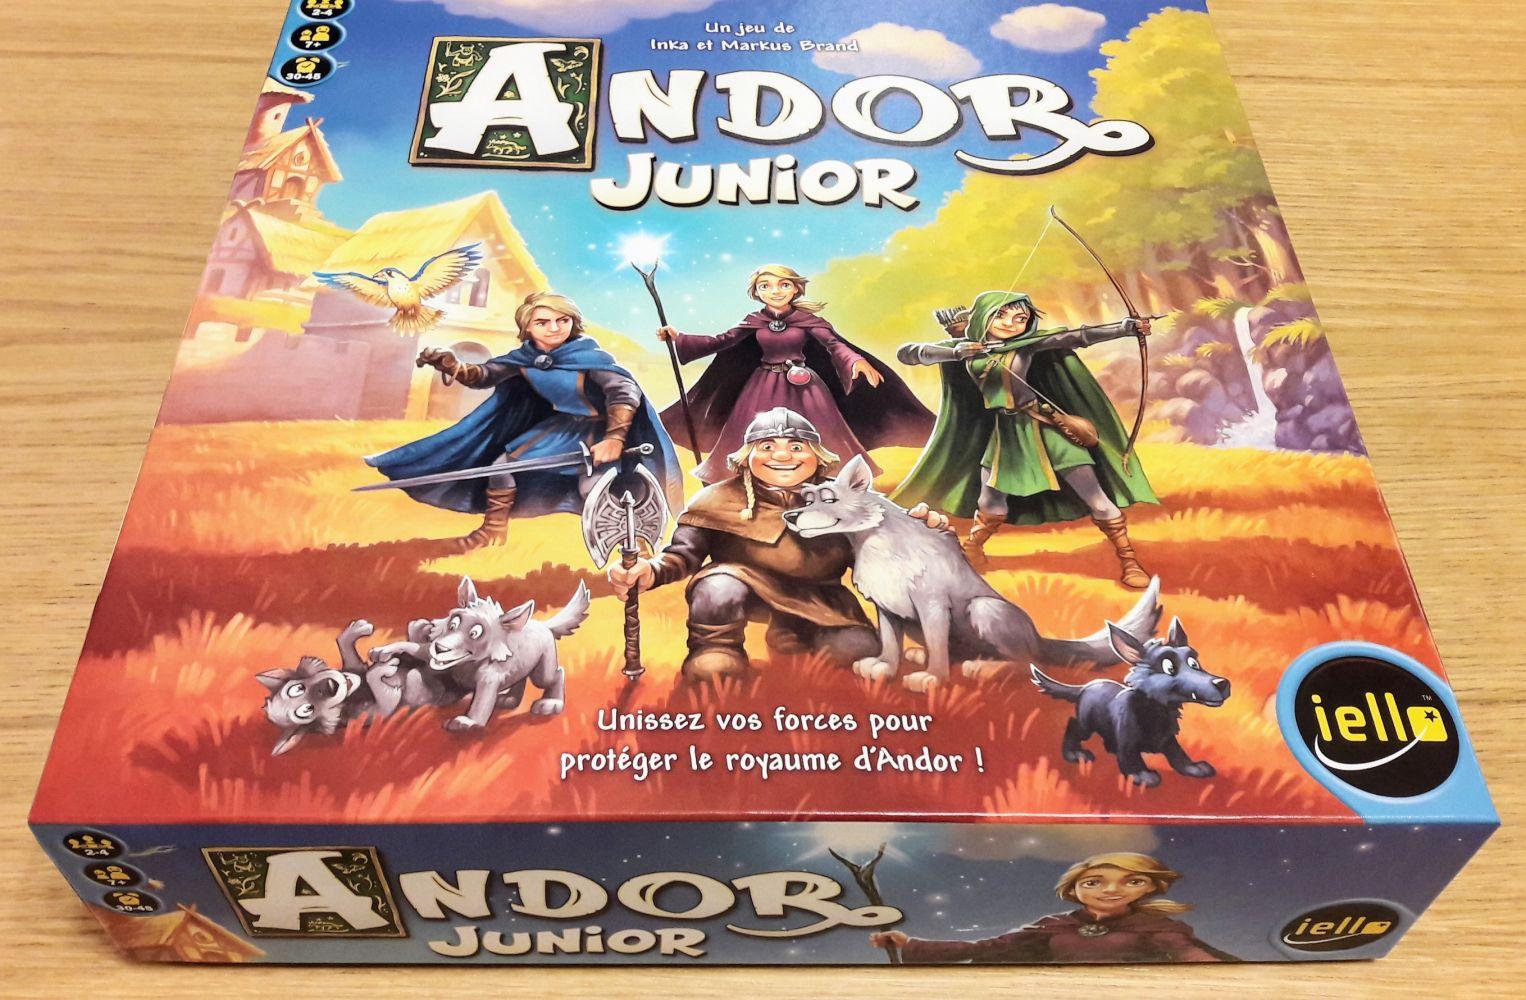 Clairement un clin d'oeil à Andor mais enfantin.